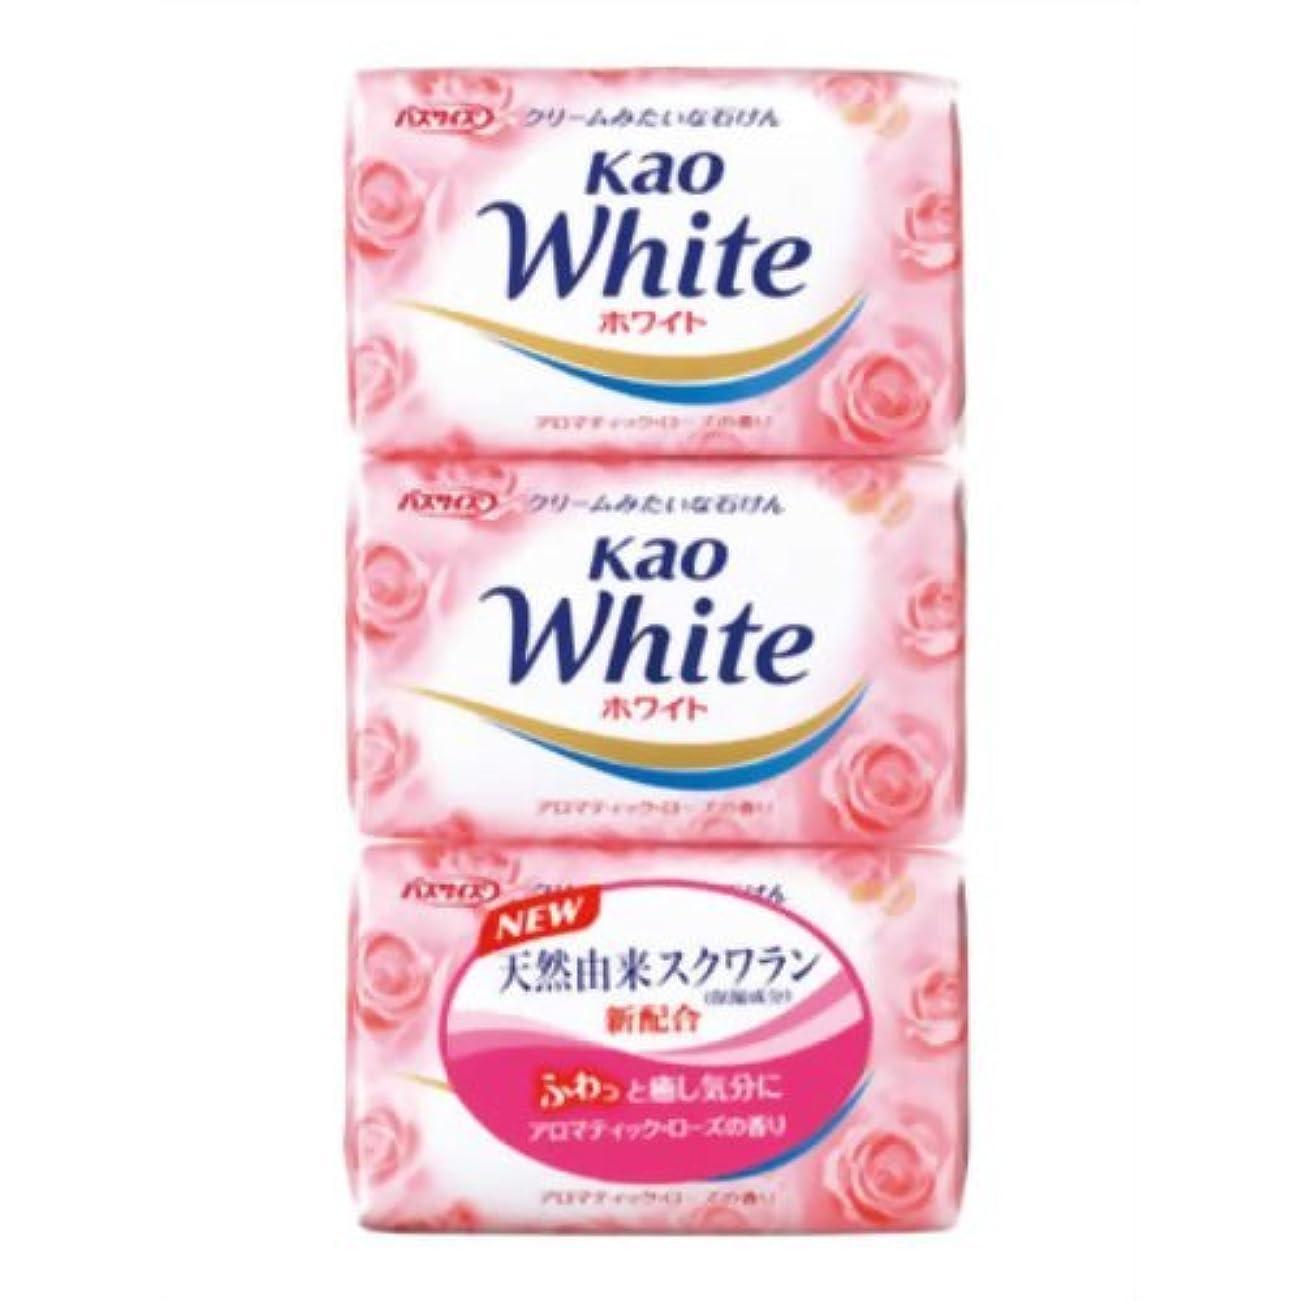 うるさいコショウスポーツの試合を担当している人花王ホワイト アロマティックローズの香り バスサイズ 130g*3個入